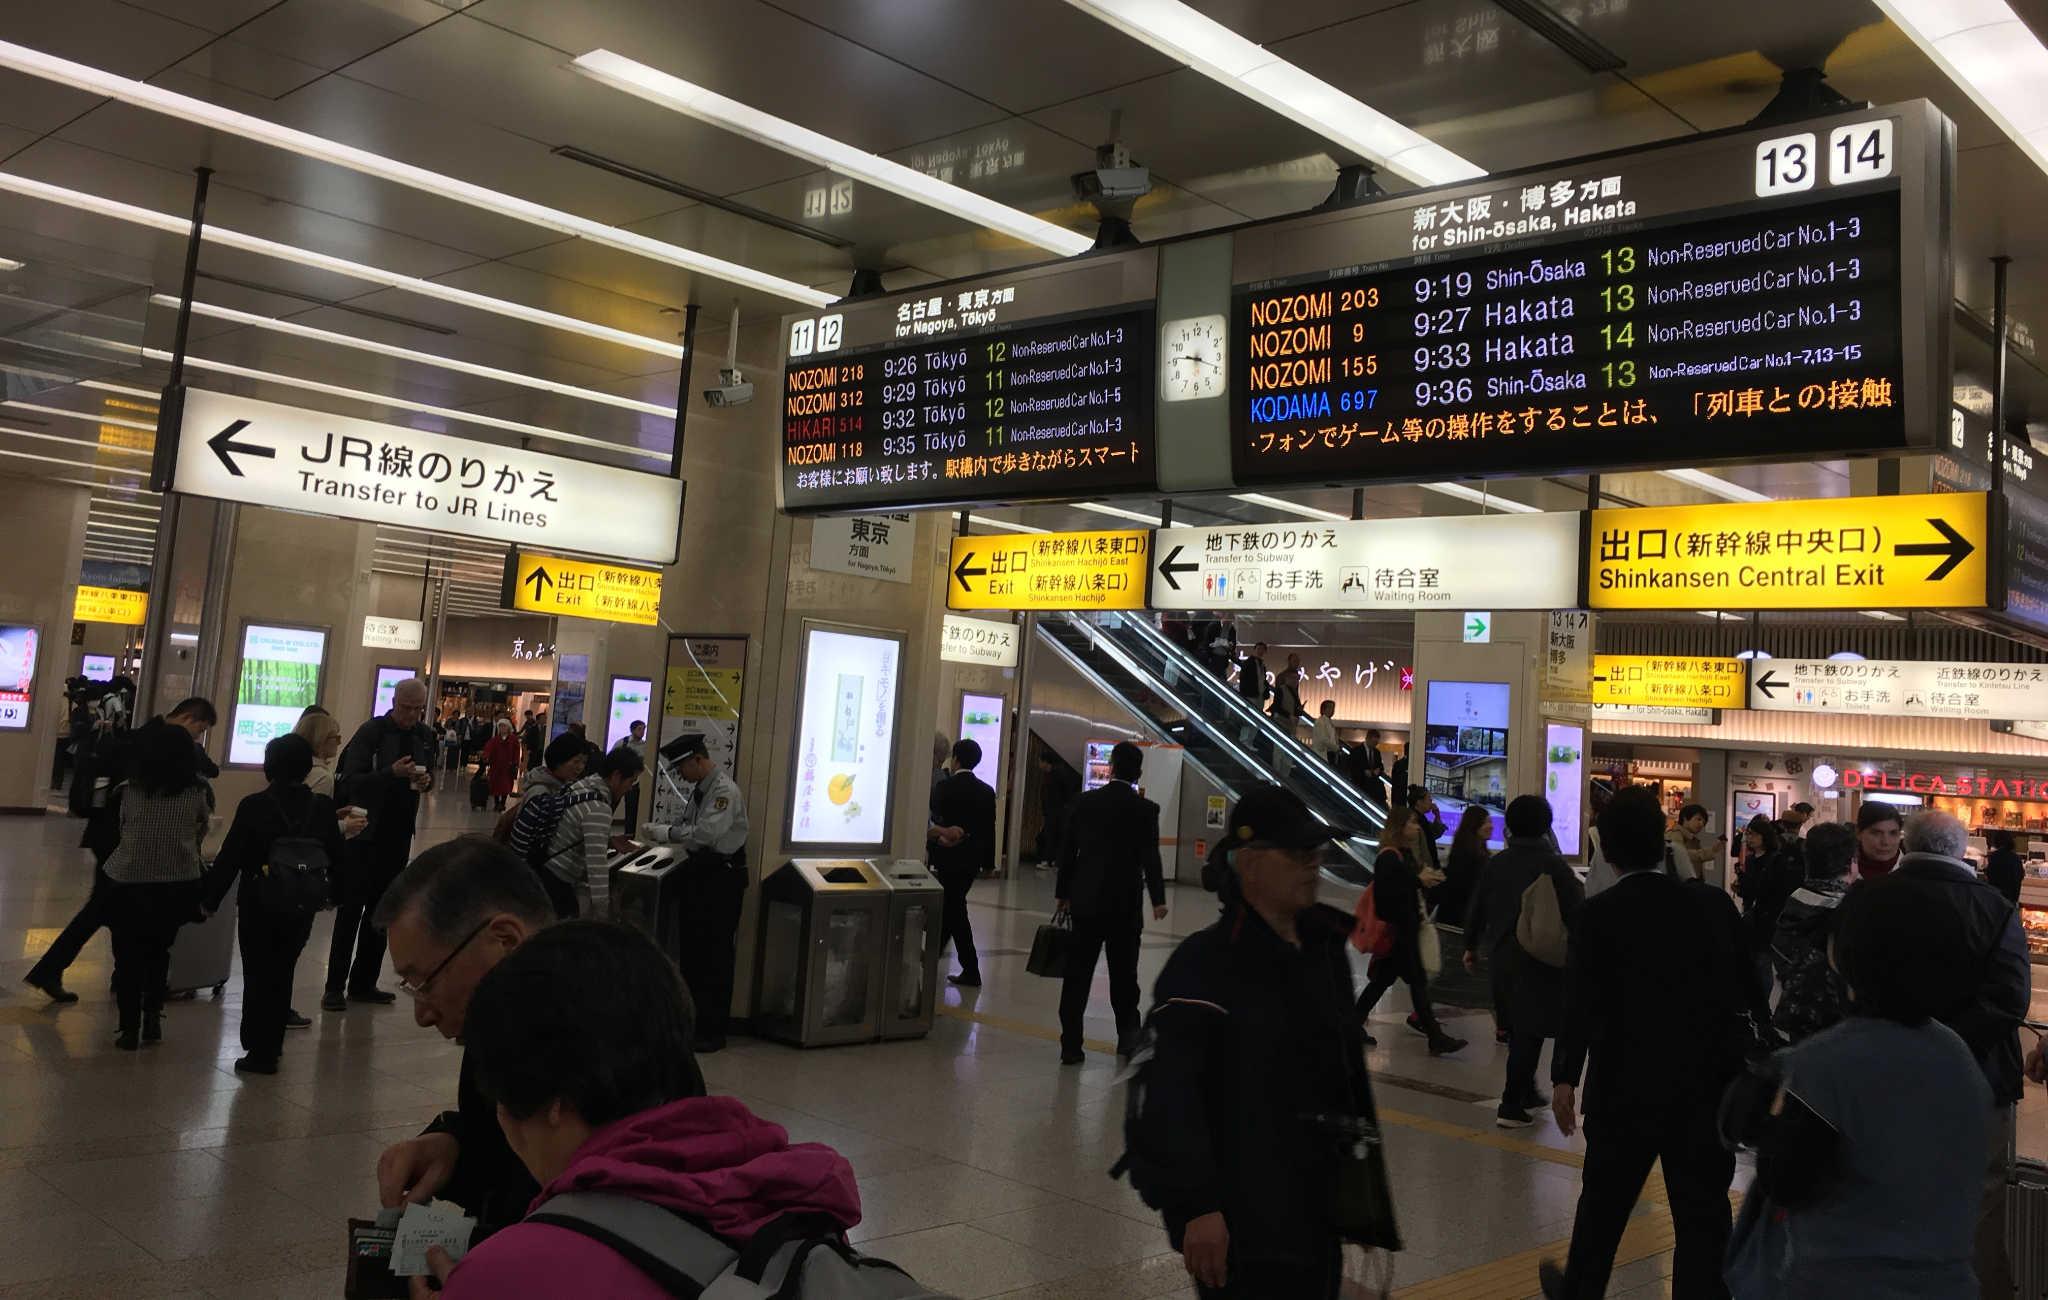 La gare shinkansen de Kyoto est toujours très animée. De nombreux départs vers Tokyo